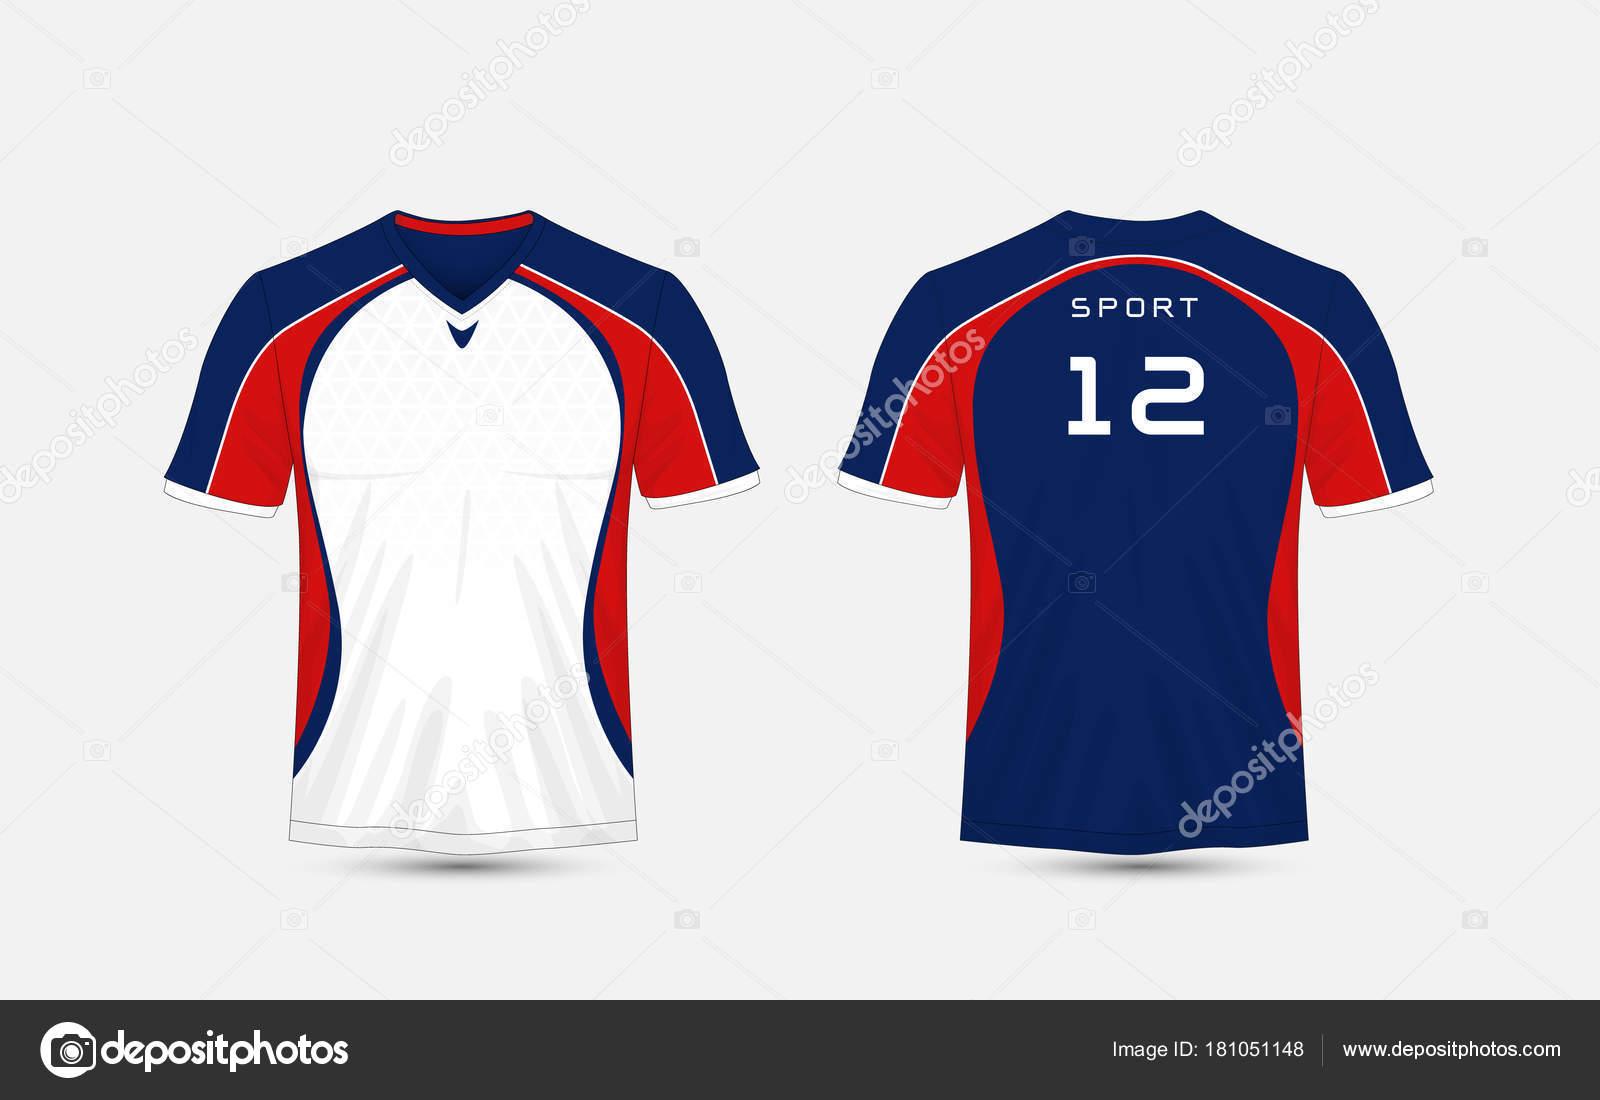 Bianco, blu e rosso della banda modello sport calcio kit, jersey, modello di